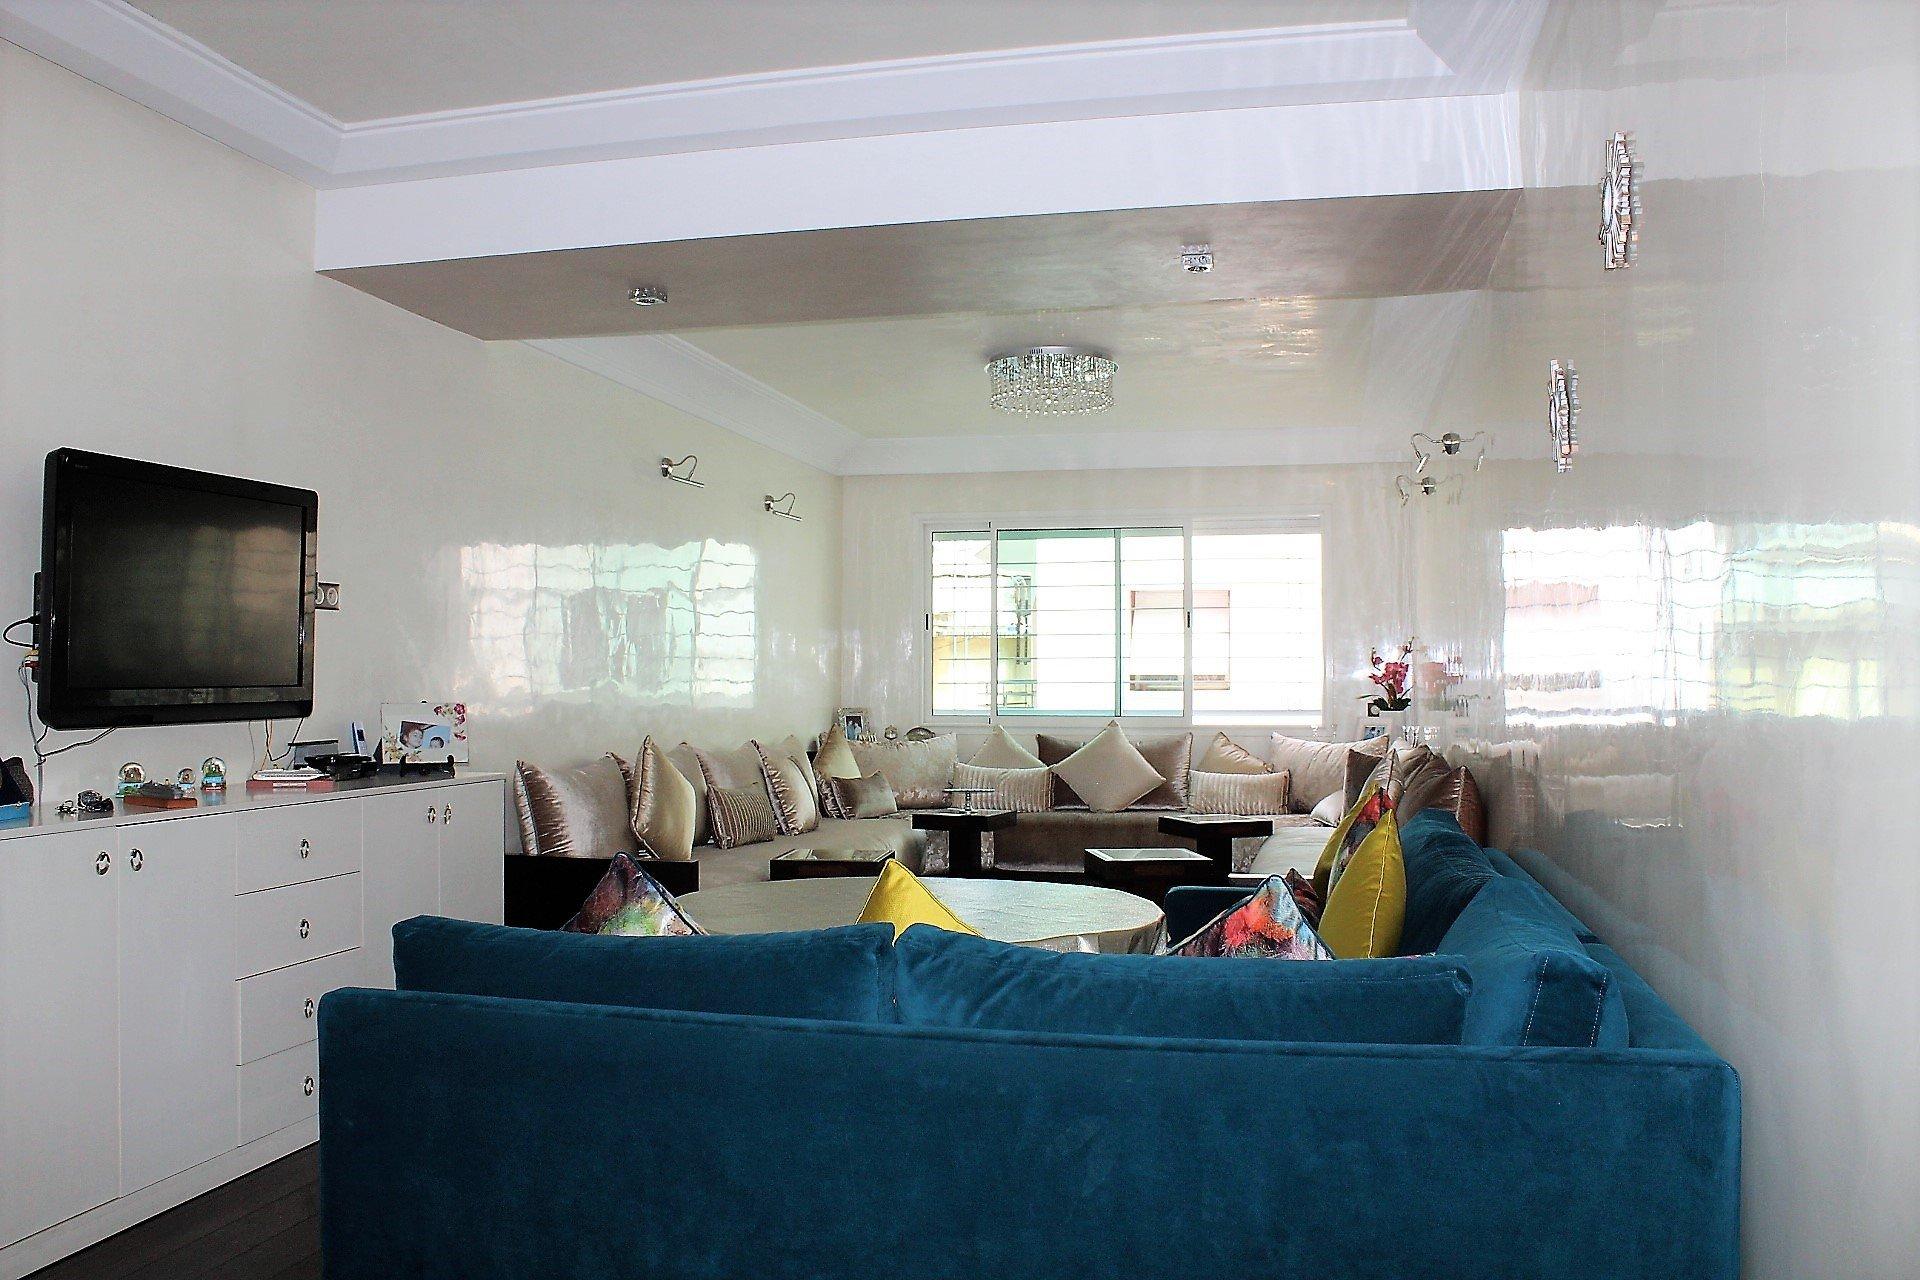 Casablanca, Belvédère, splendide logement moderne à louer de 3 chambres (125 m2) avec terrasse.